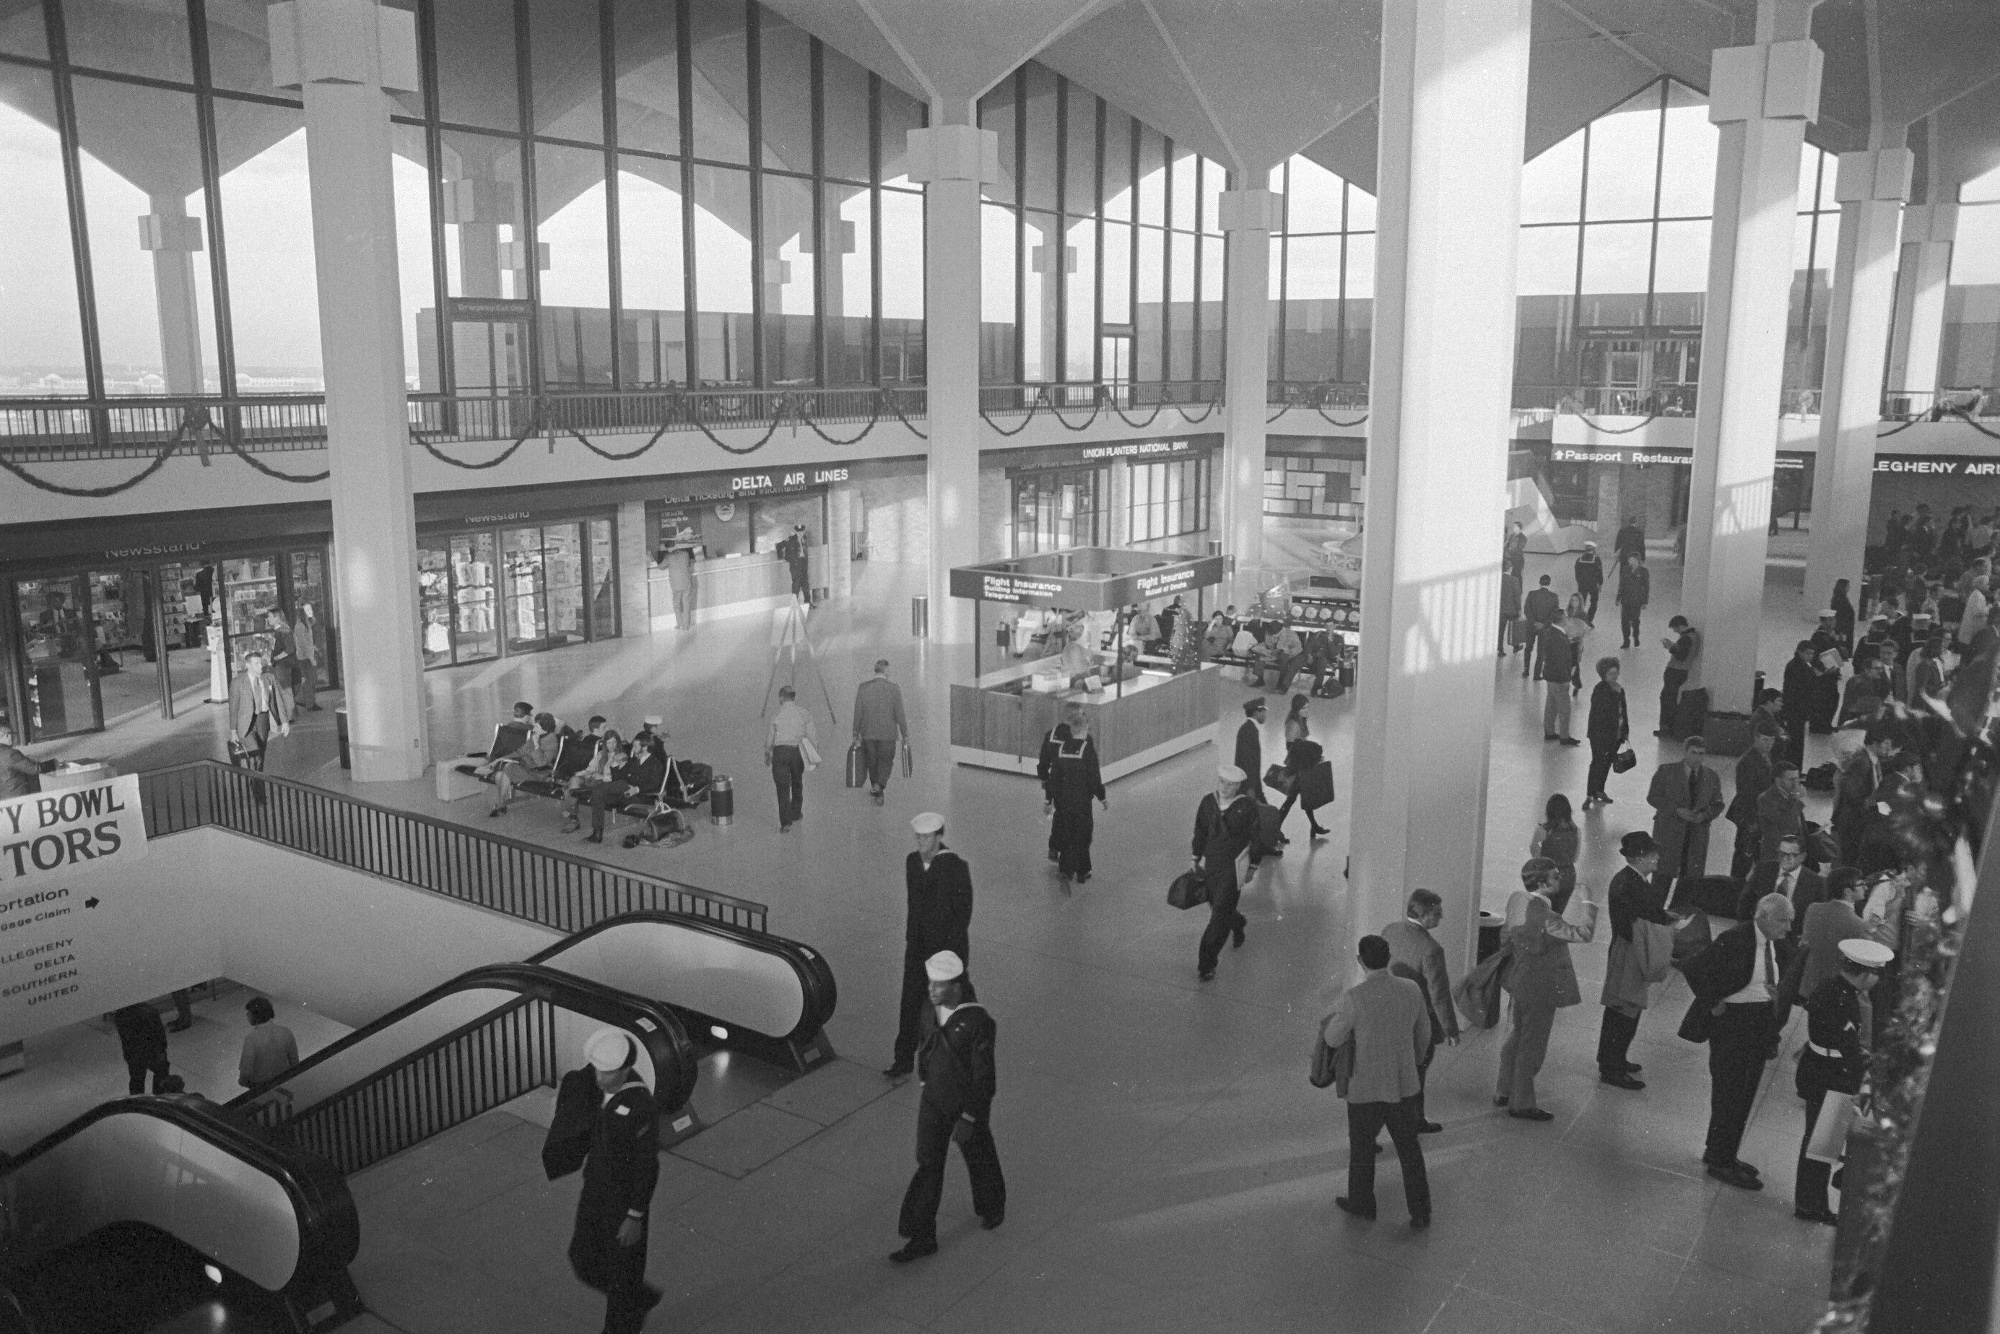 Lotnisko w Memphis w USA, 1973 r. (fot. Euthman Ed Uthman / Wikimedia.org / CC-BY-3.0)